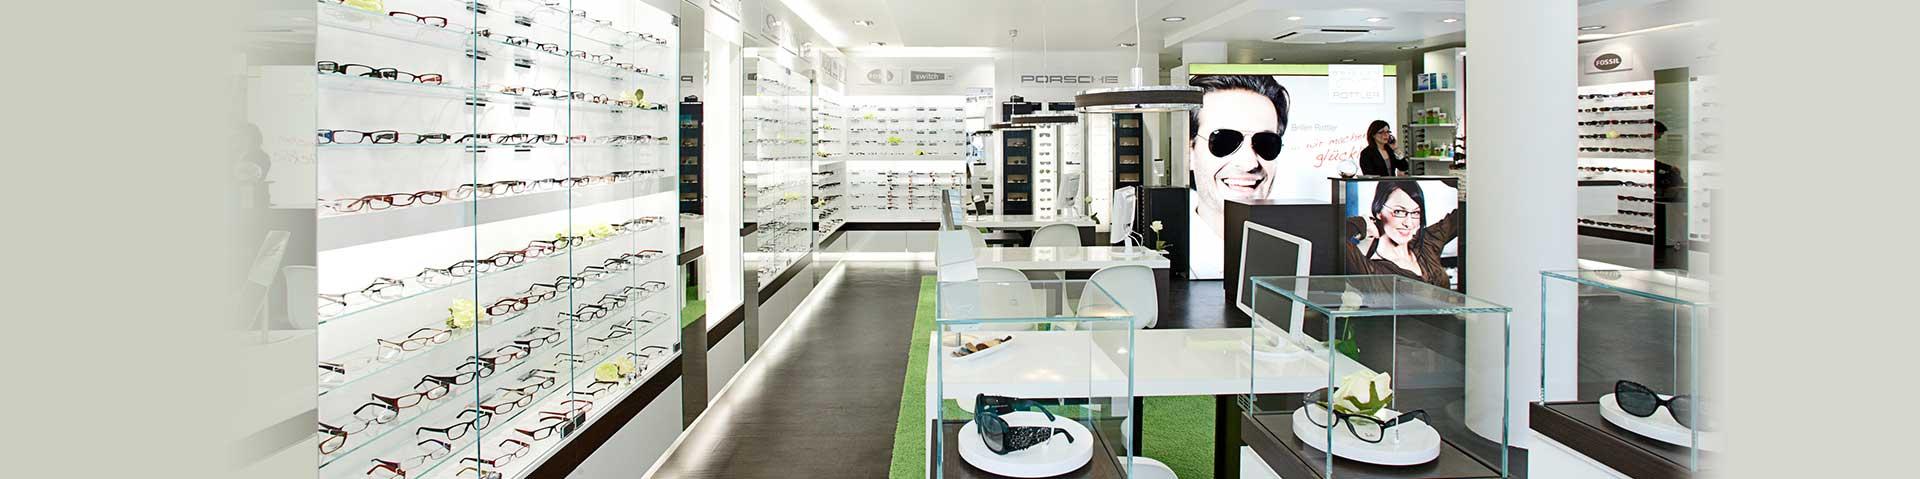 exklusive brillen und kontaktlinsen in dortmund jetzt beraten lassen. Black Bedroom Furniture Sets. Home Design Ideas